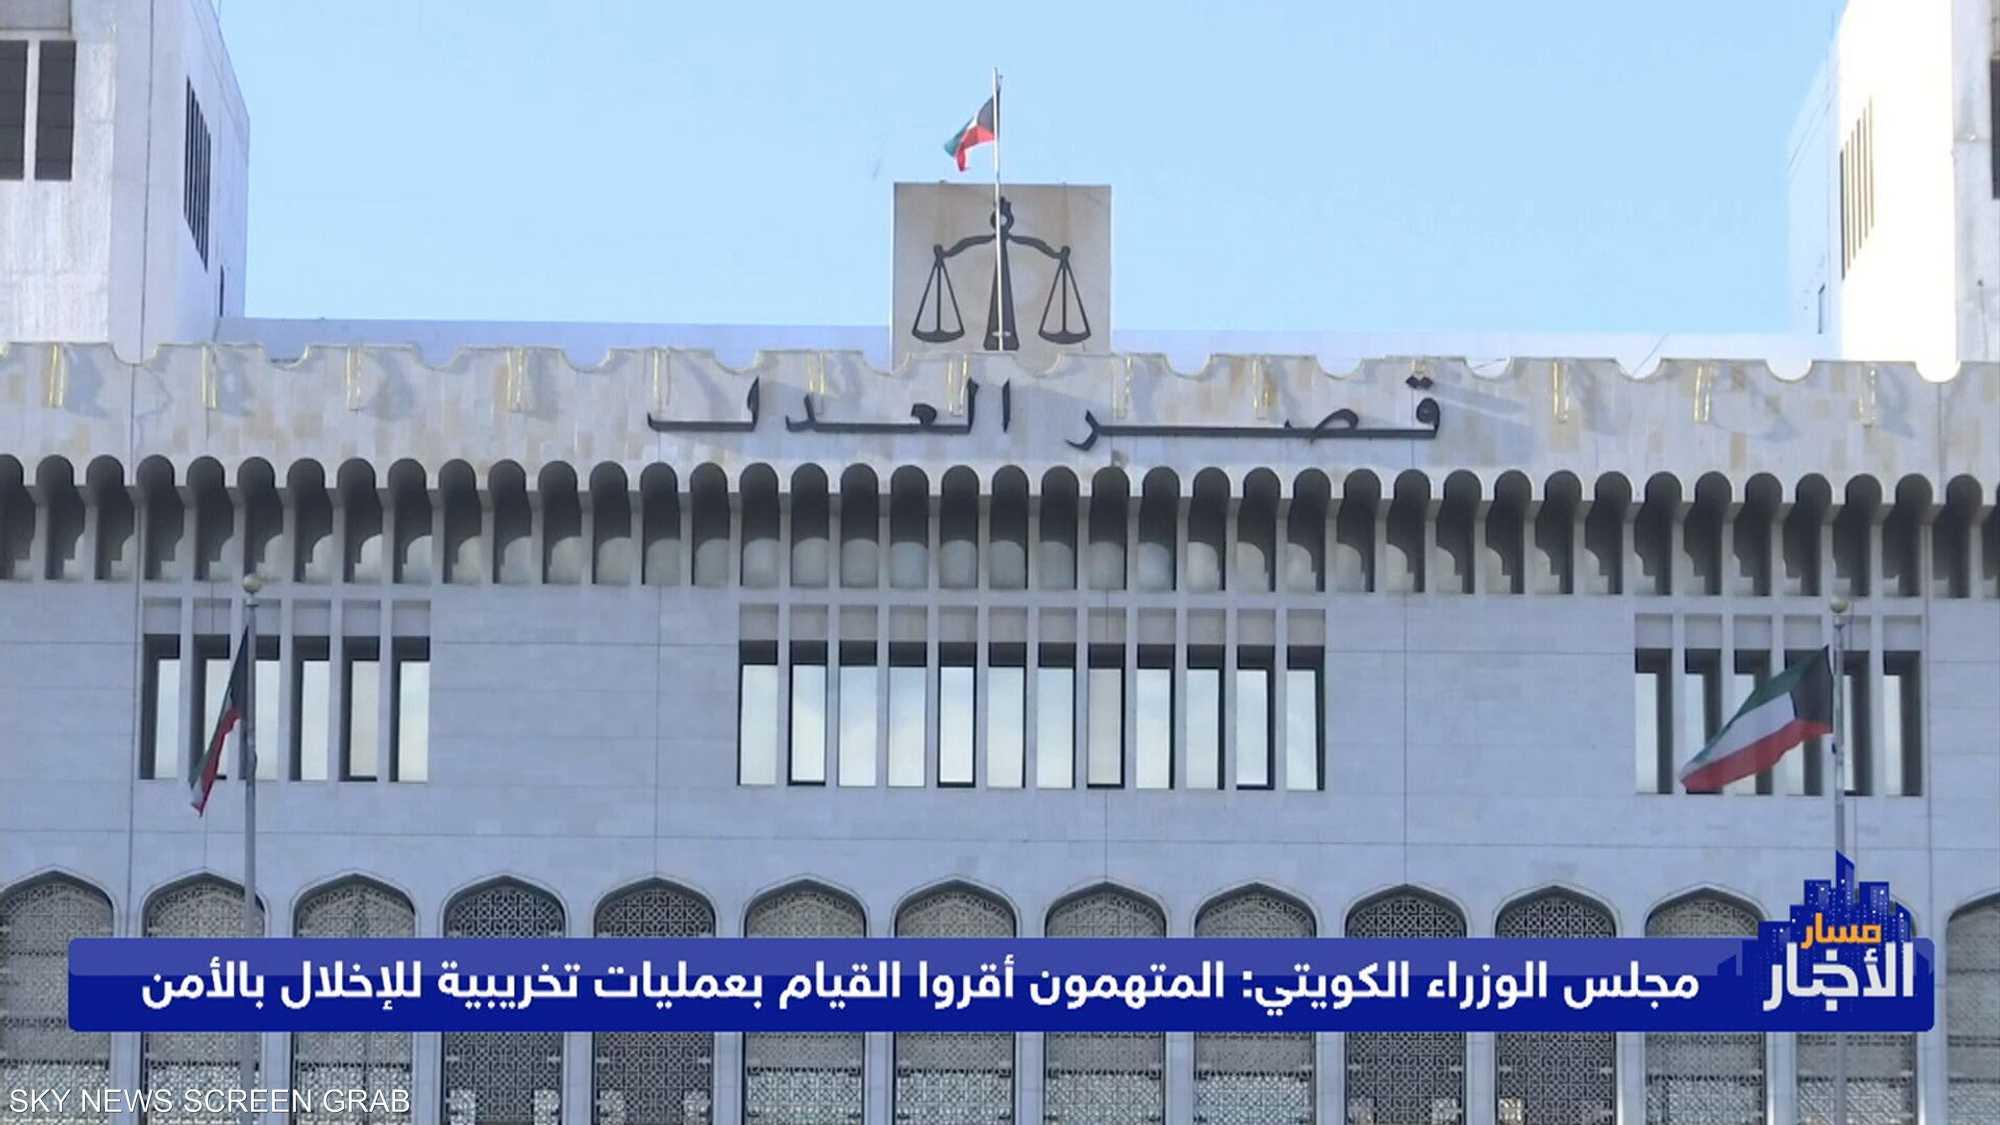 القبس: أكثر من 300 مصري إخواني غادروا الكويت